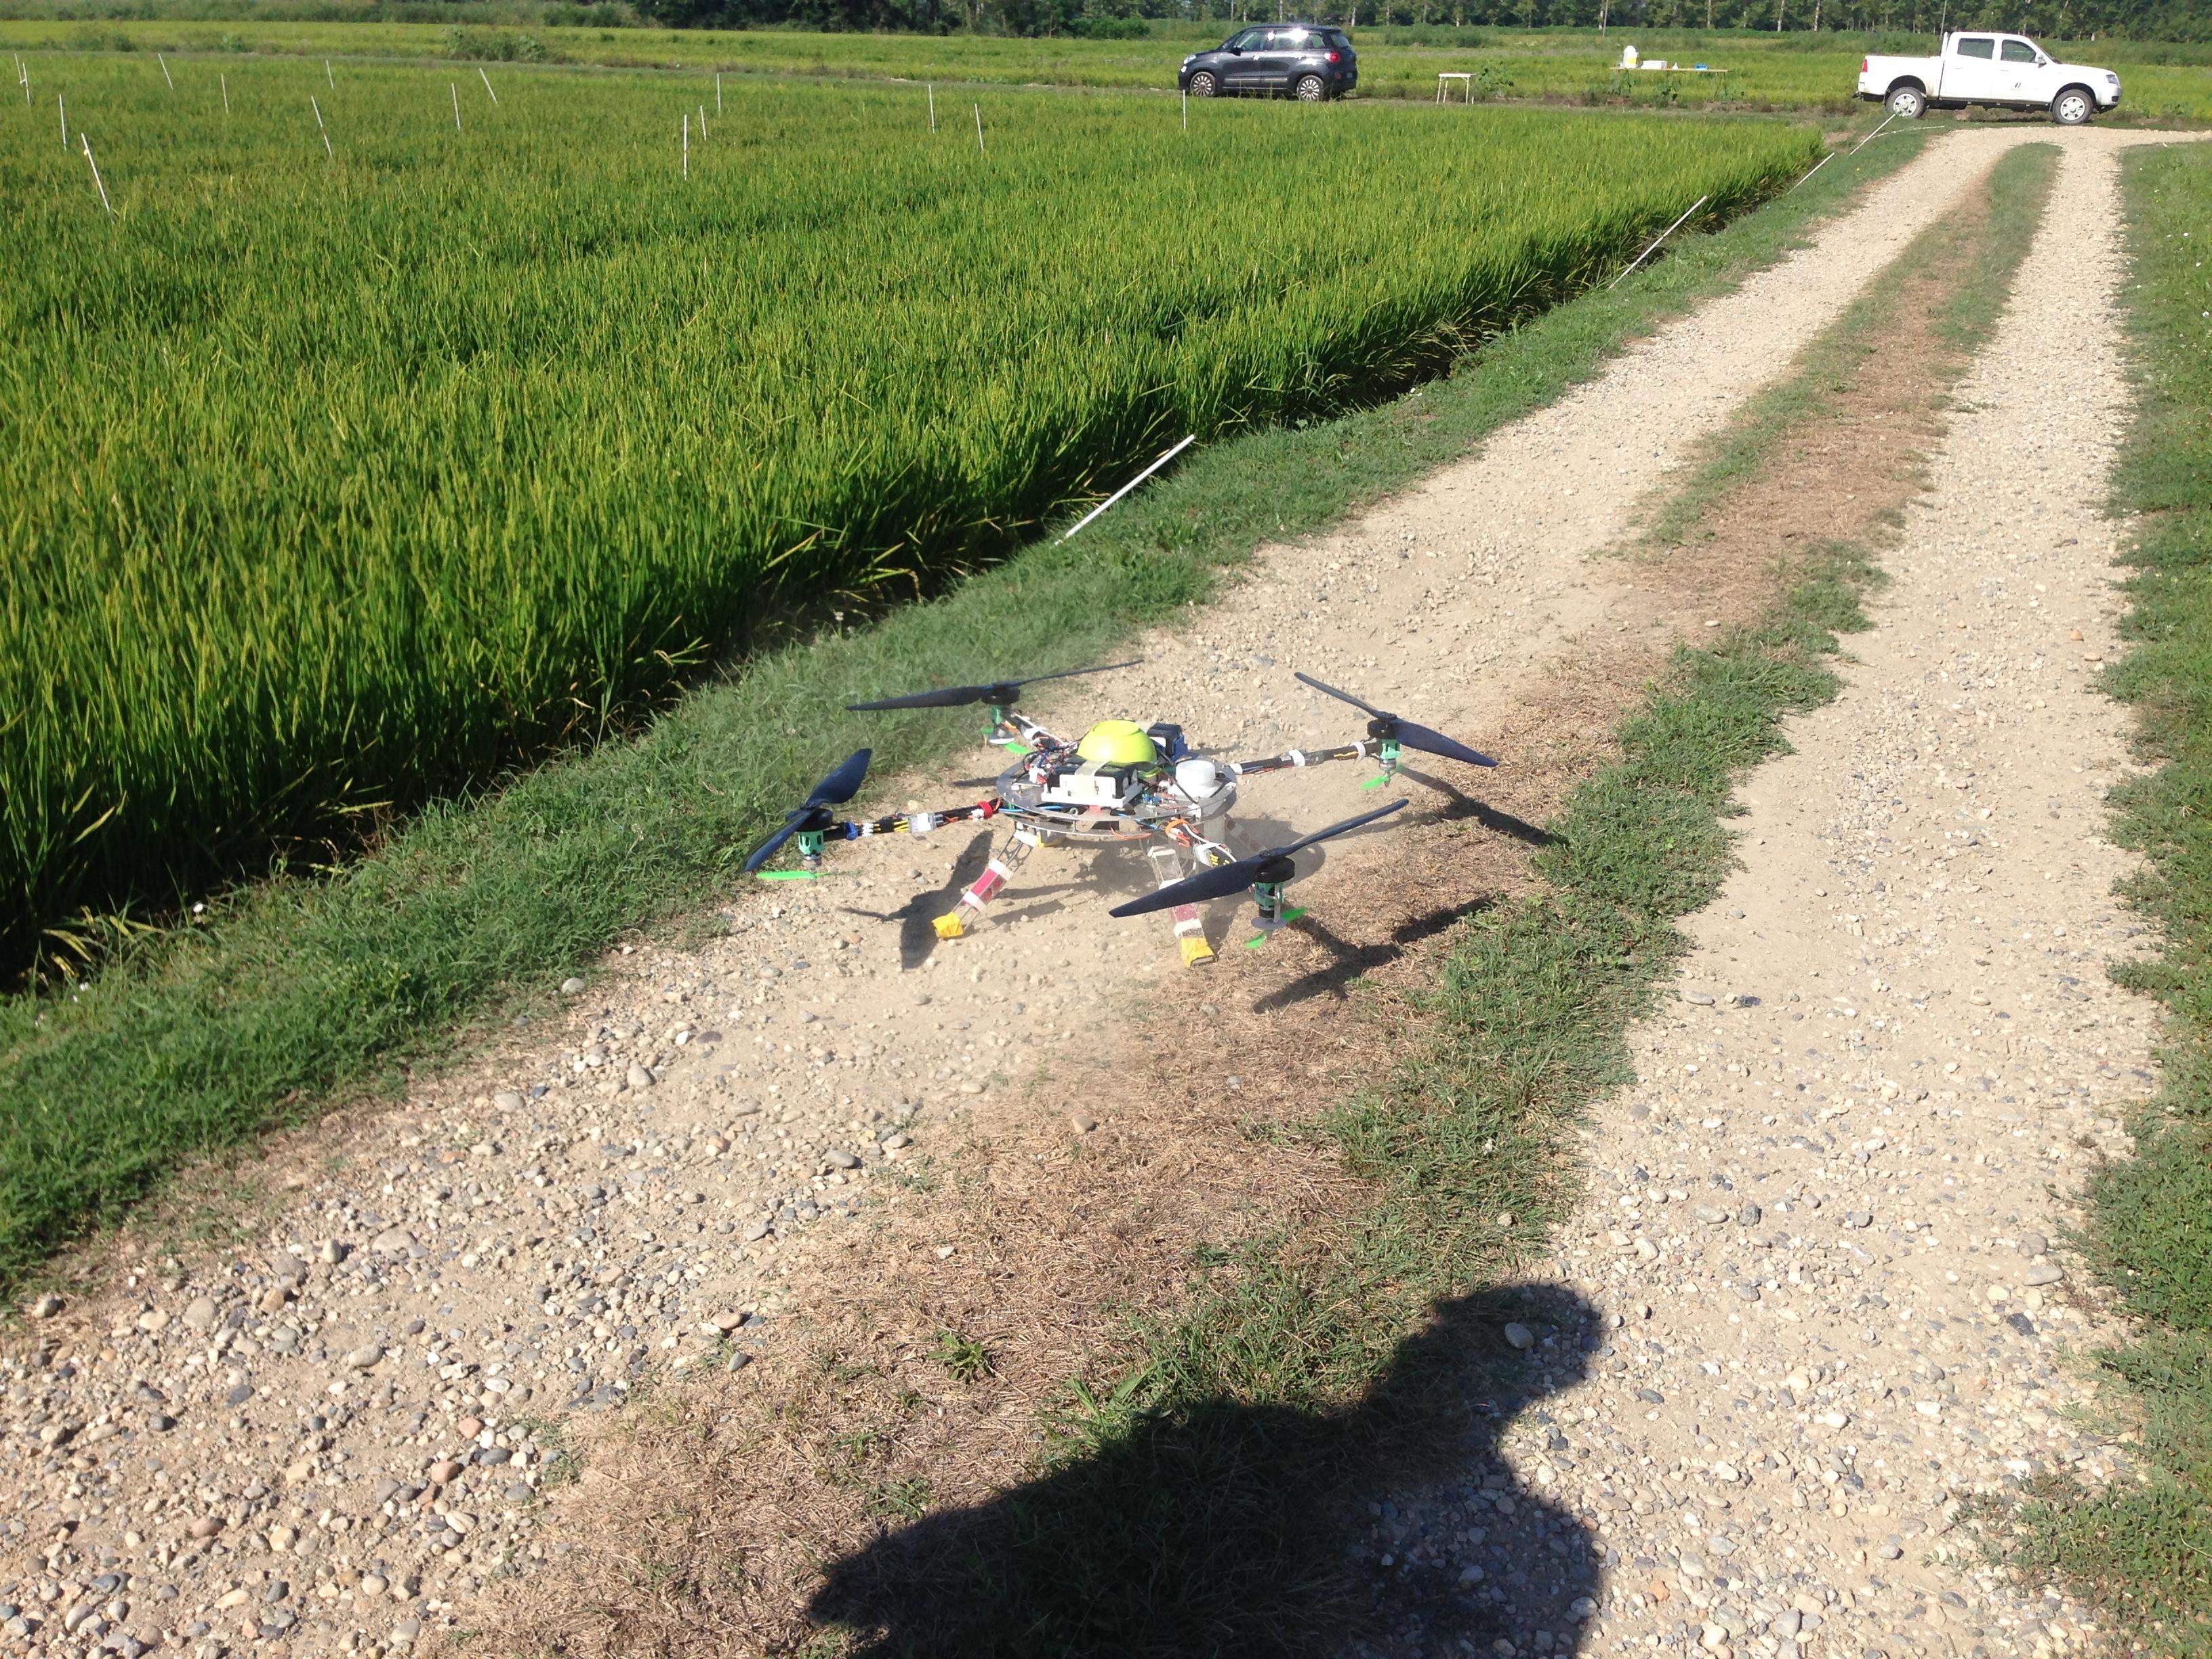 Dal politecnico di torino ecco i droni a caccia di zanzare for Le zanzare non pungono i malati